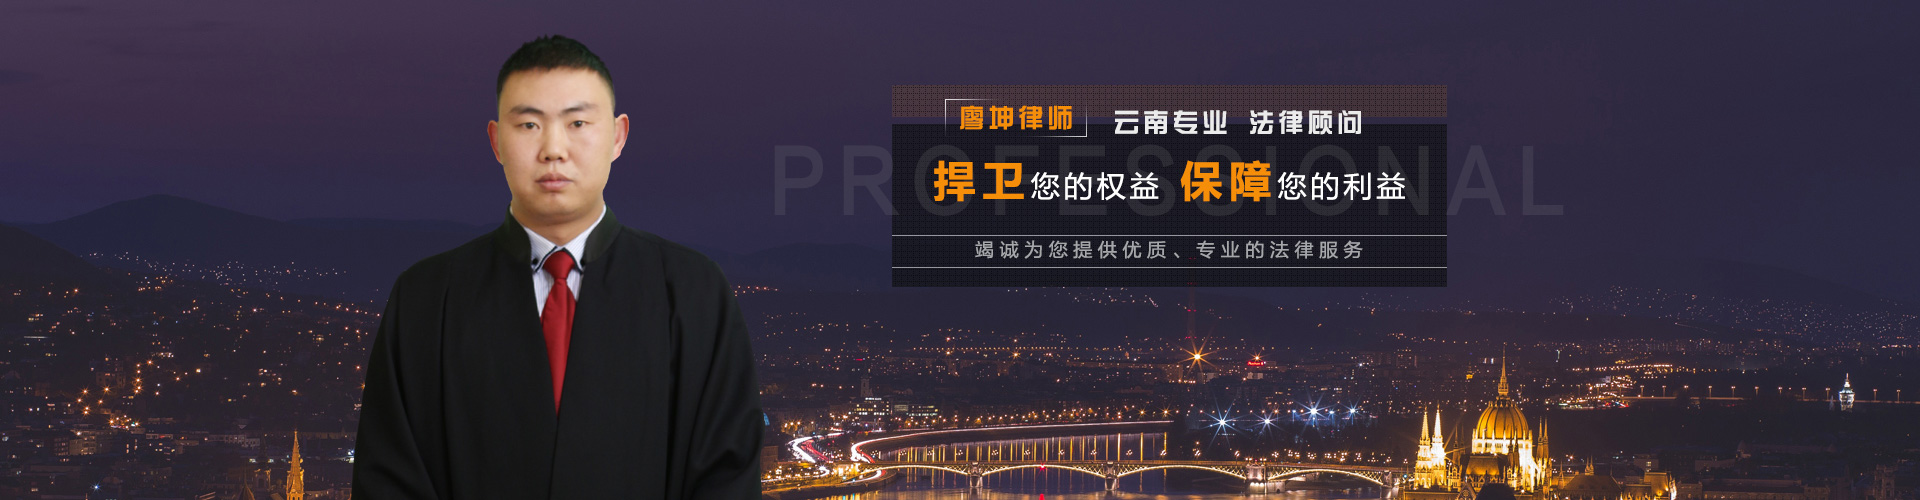 云南廖坤律师